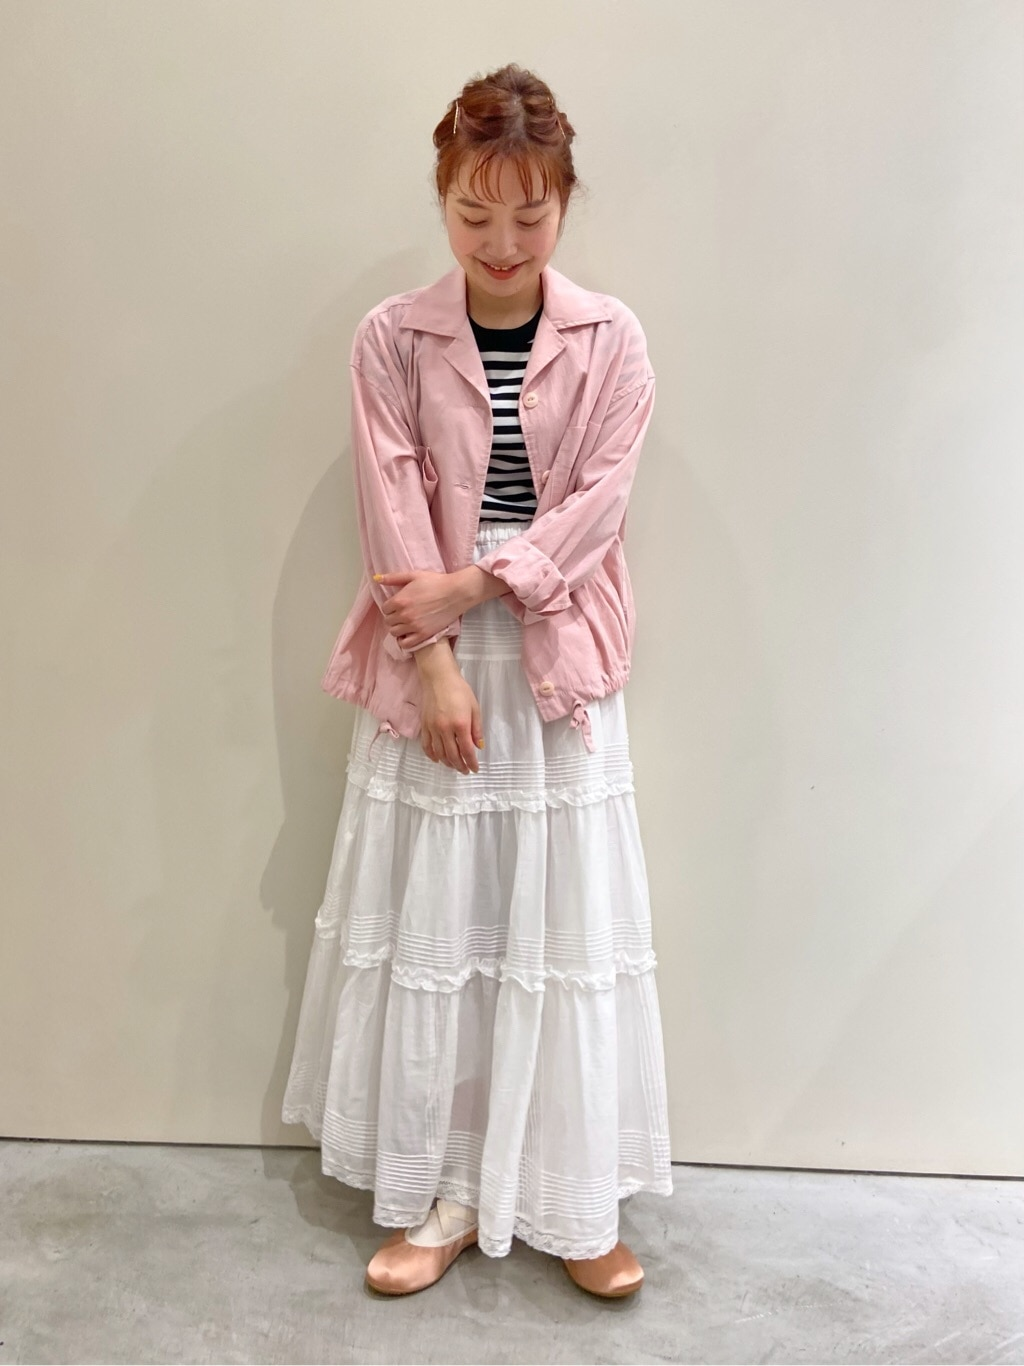 CHILD WOMAN , PAR ICI 新宿ミロード 2021.05.13